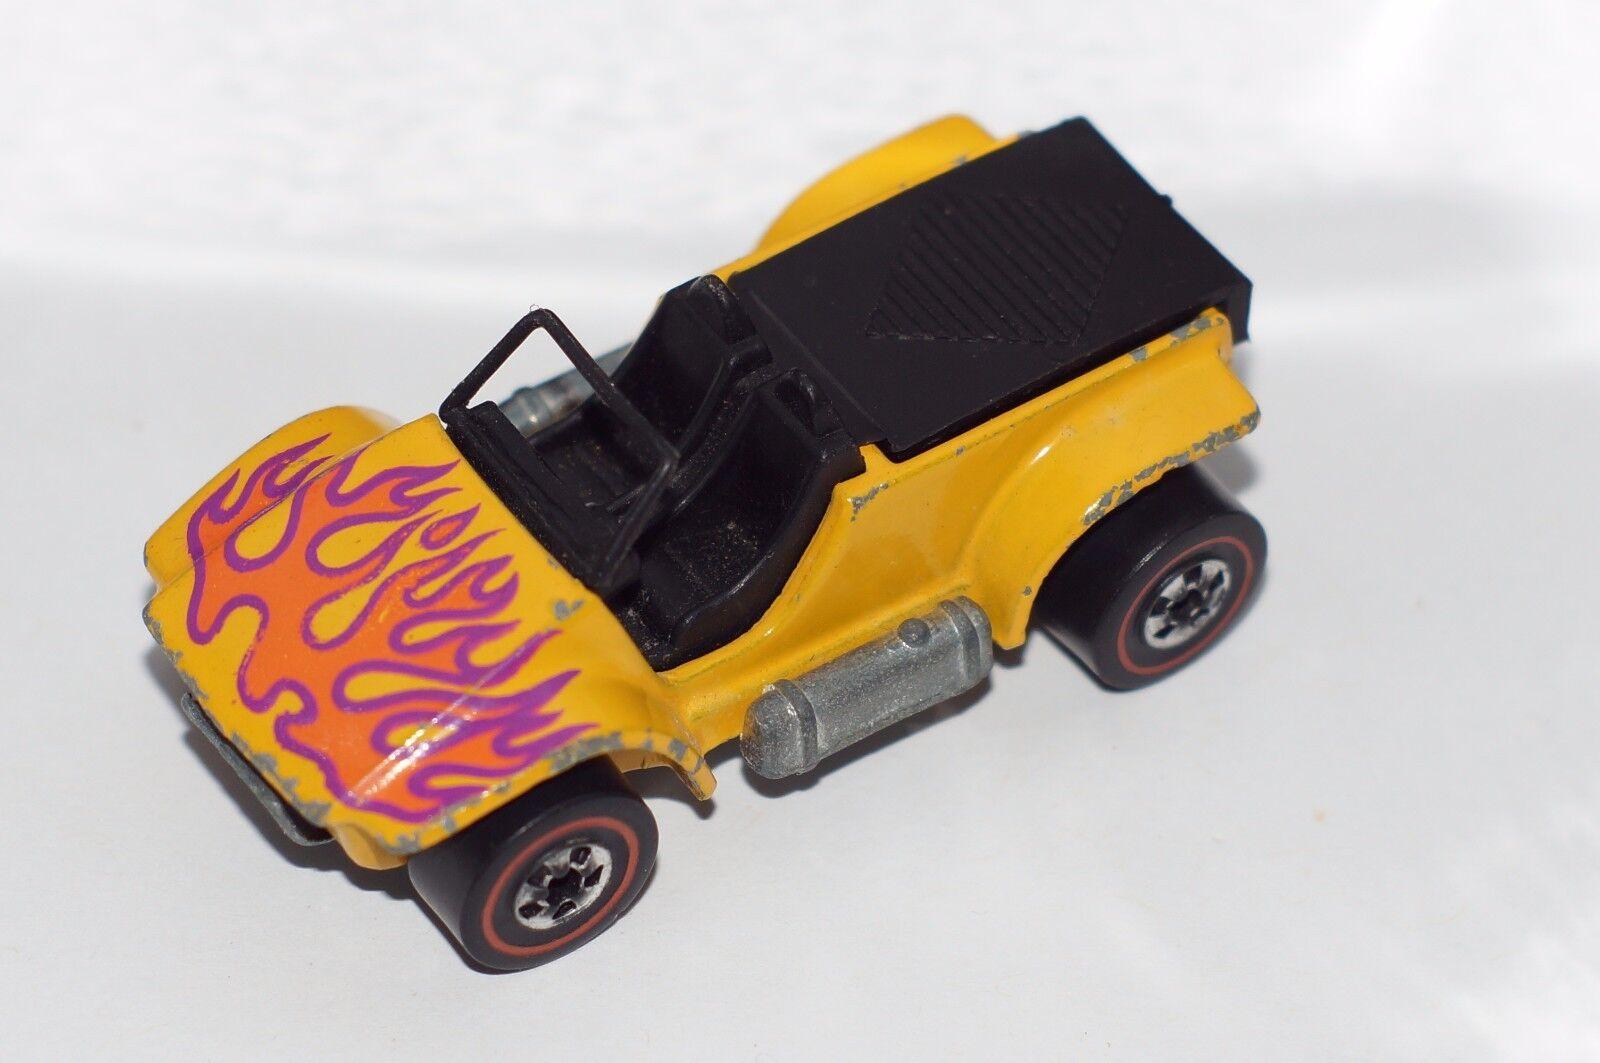 Original Hot Wheels Redline-Arena Drifter Coche-amarillo con llamas-Hong Kong